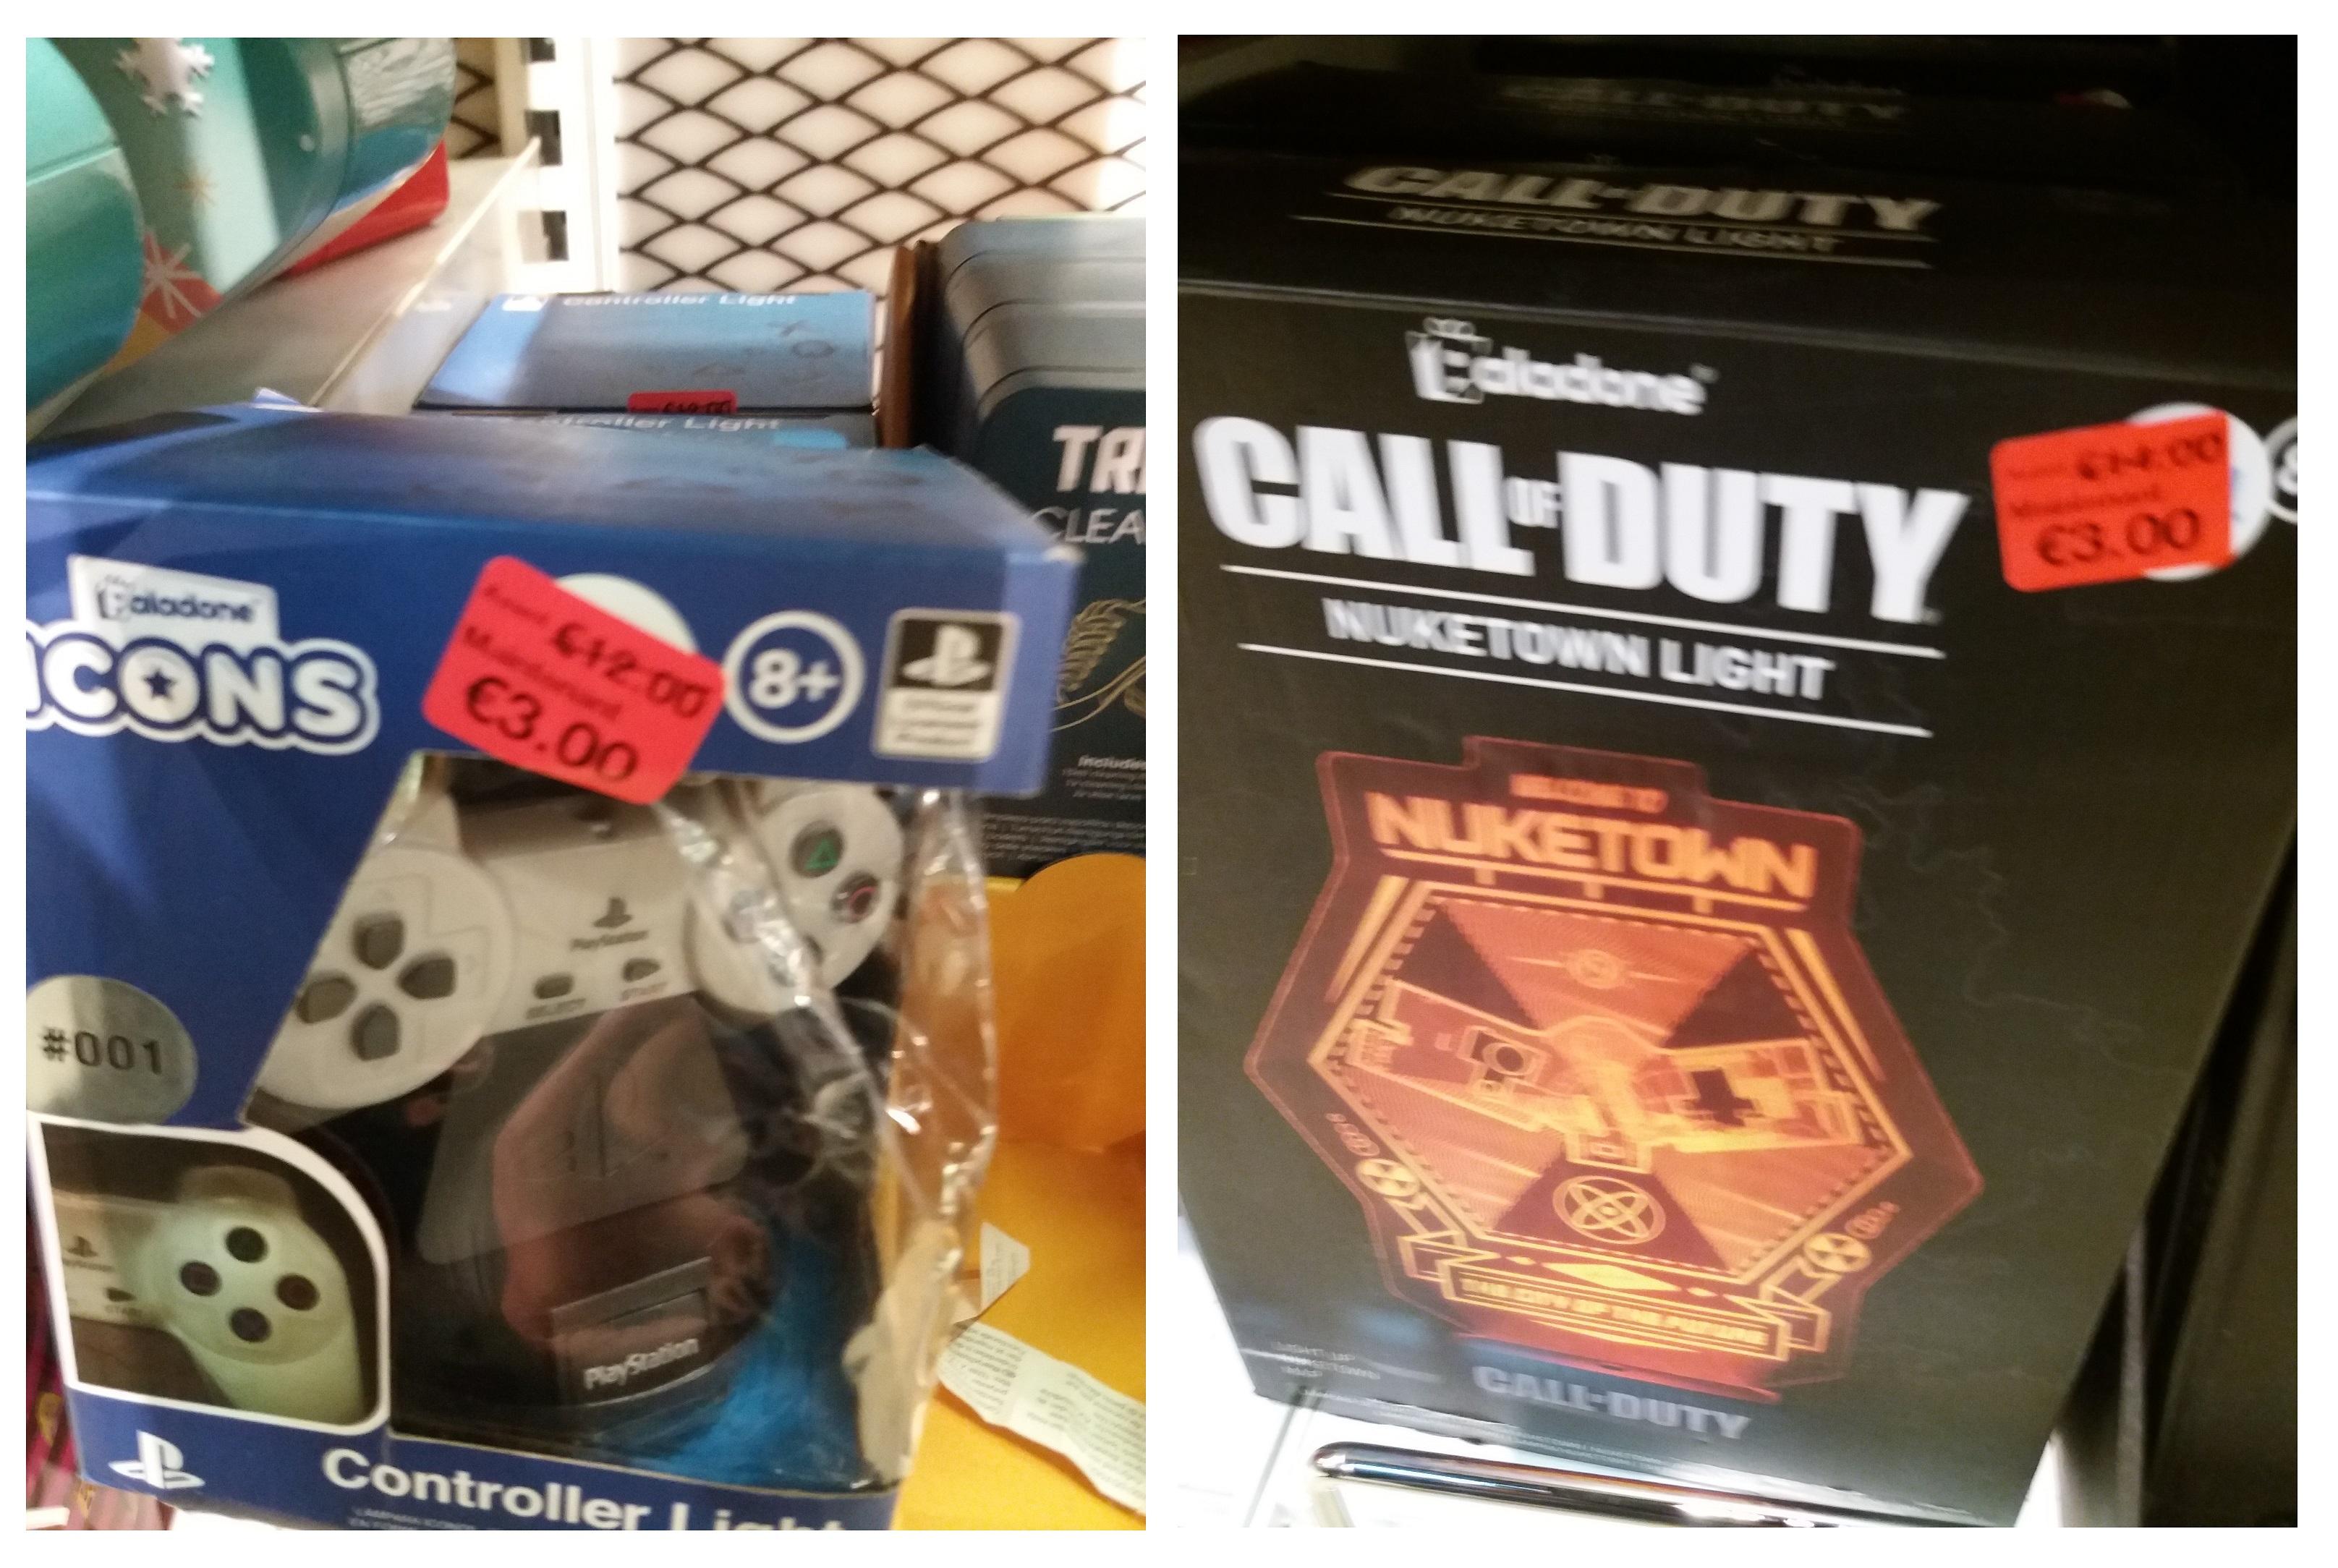 Sélection de lampes de chevet Gaming en promotion - Ex : Call of Duty Nuketown ou Manette PS1 - Dijon (21)